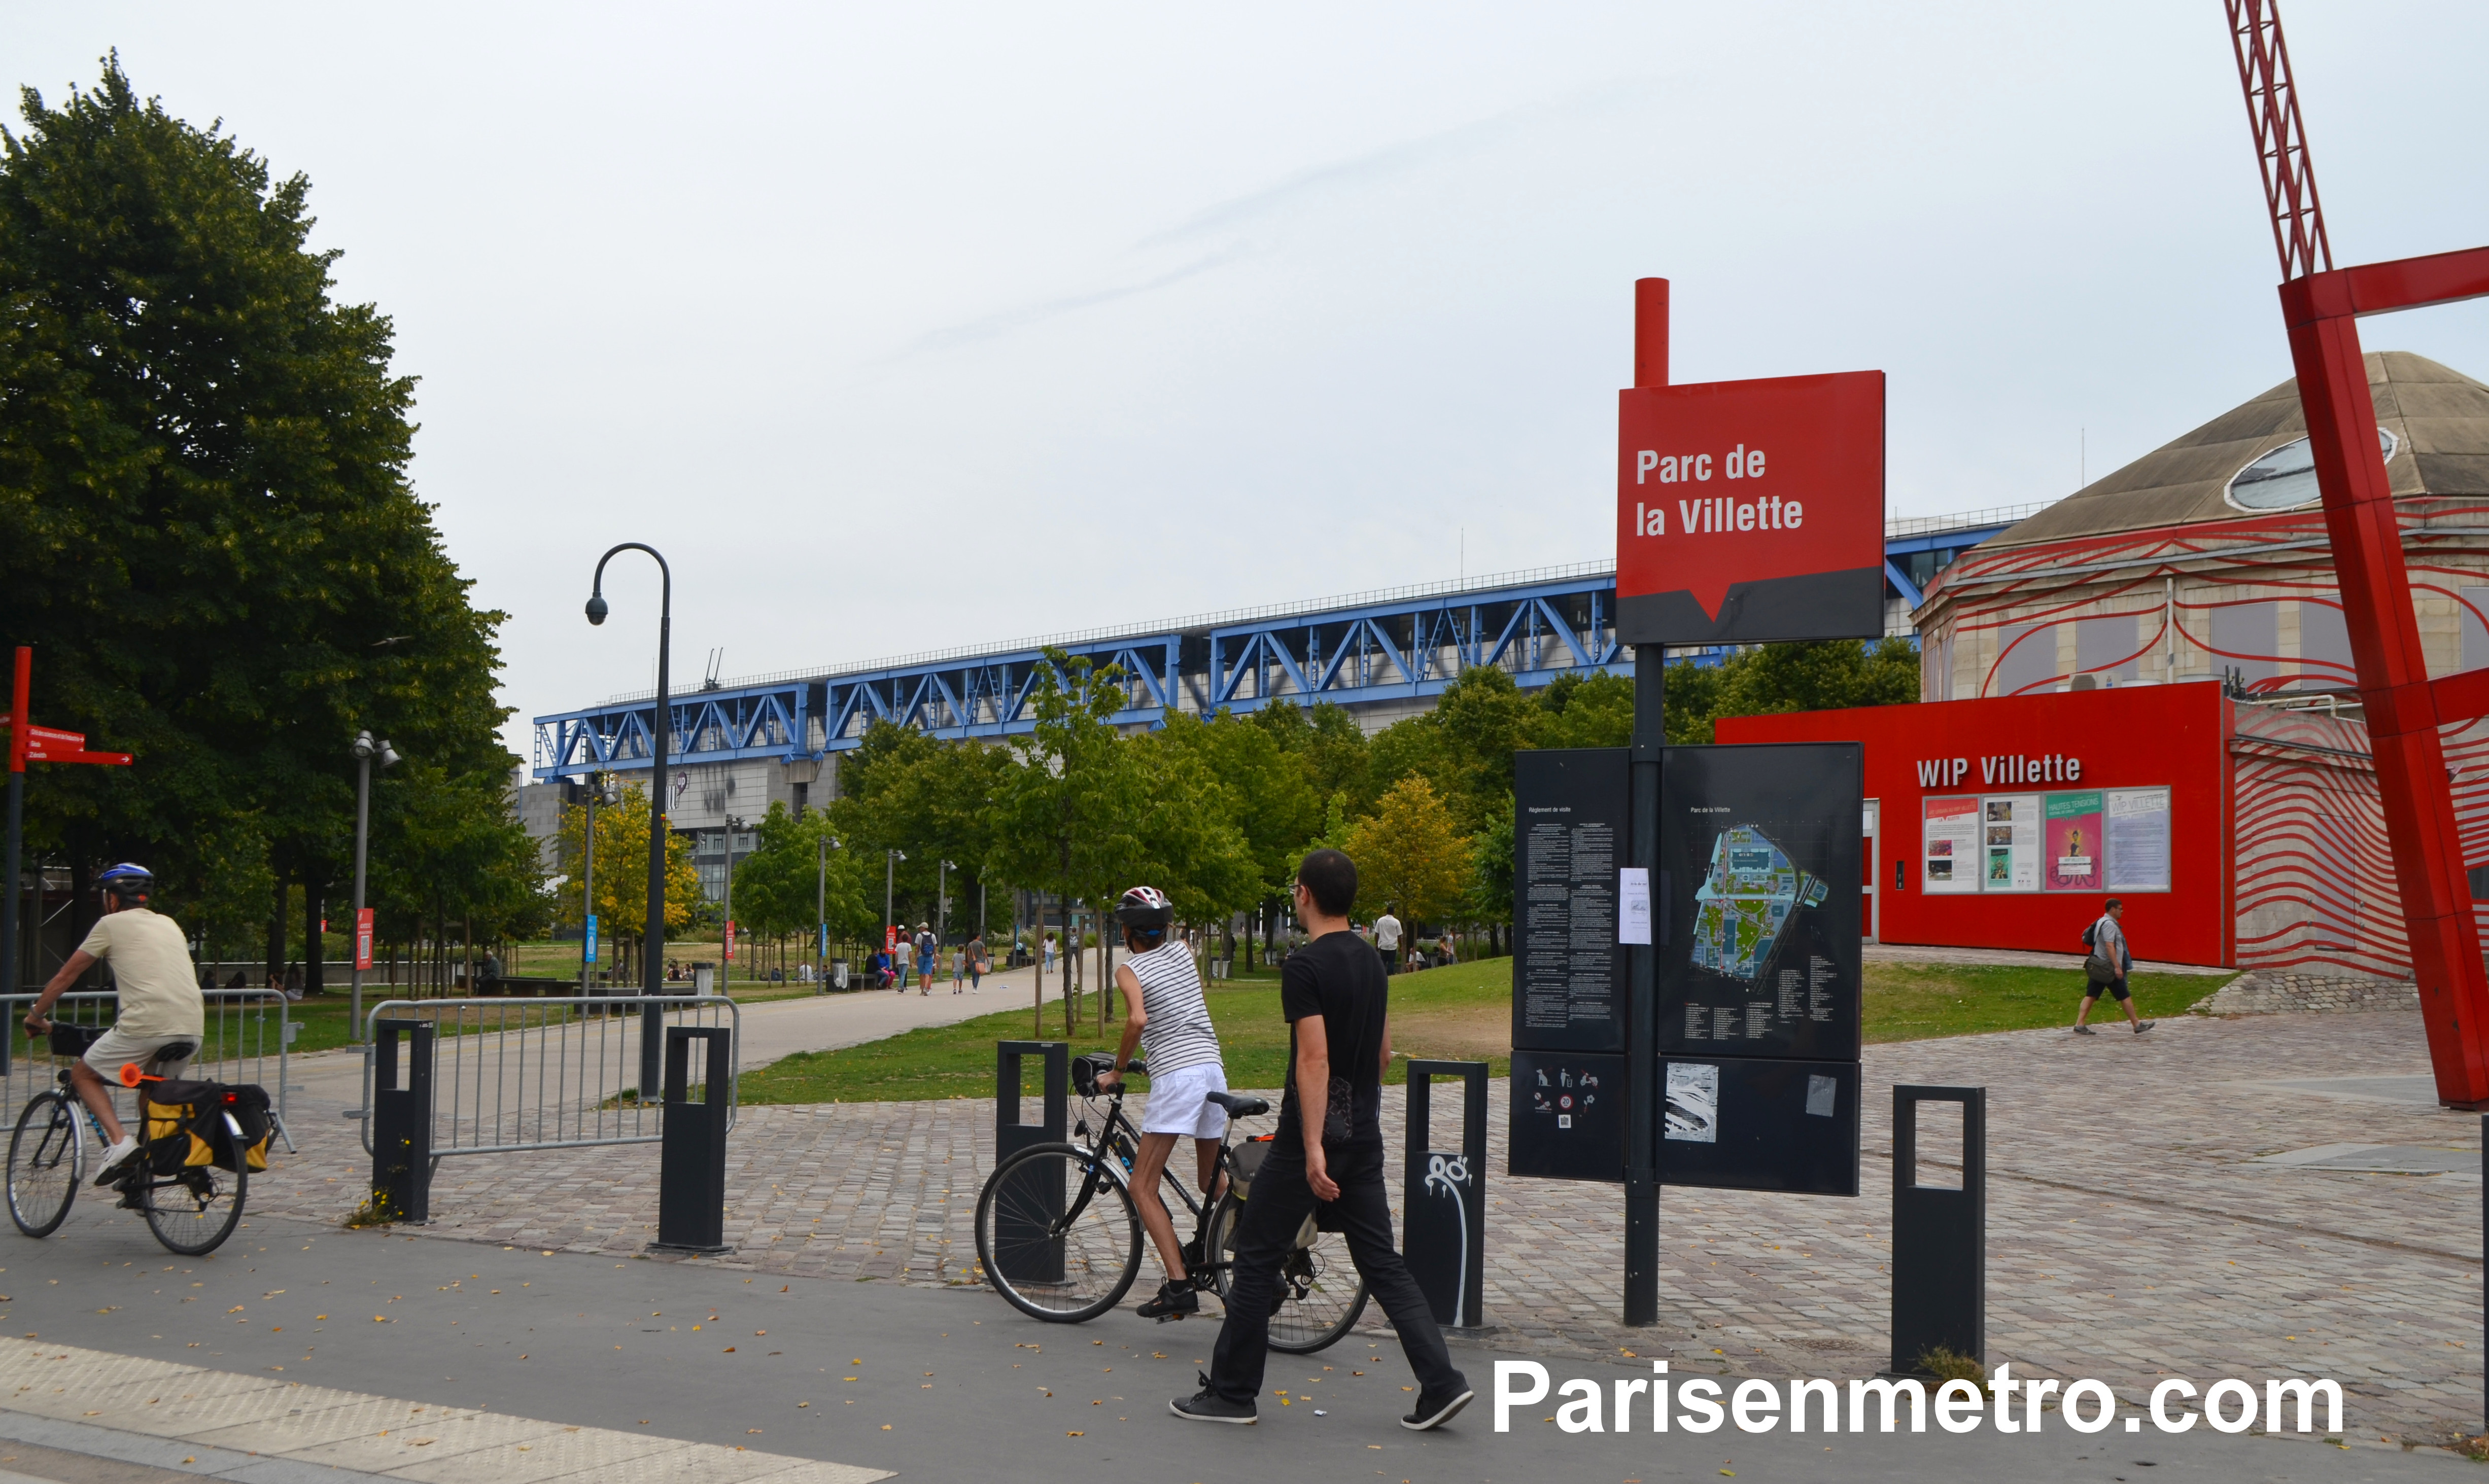 Parc de la villette paris en m tro - Metro porte de la villette ...